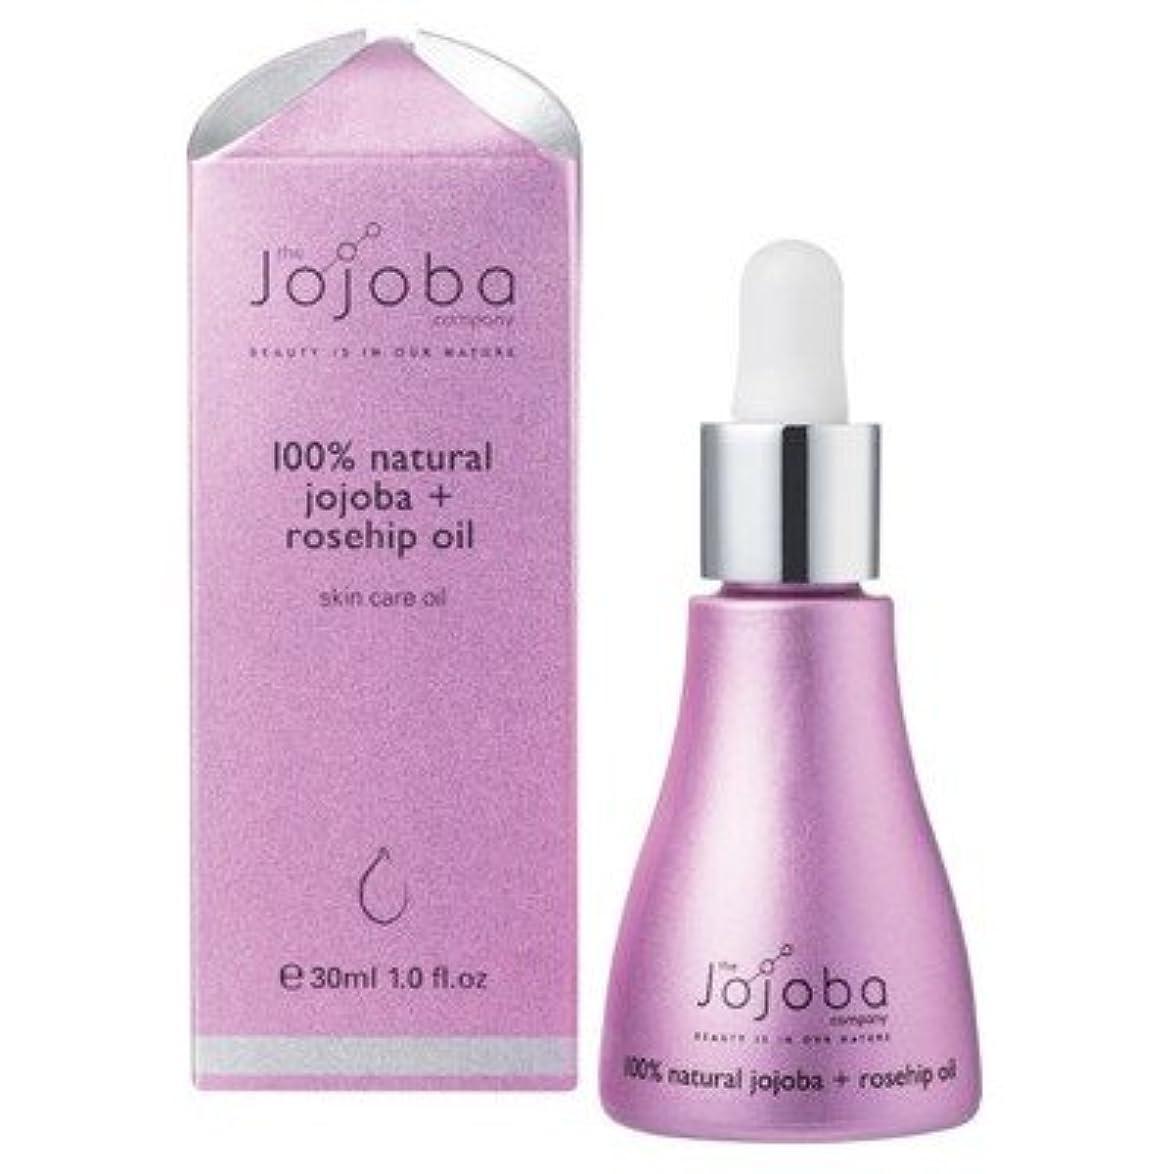 分類する雲広大なthe Jojoba Company 100% Natural Australian Jojoba Oil + Rosehip Oil ホホバ&ローズヒップブレンドオイル 30ml [海外直送品]